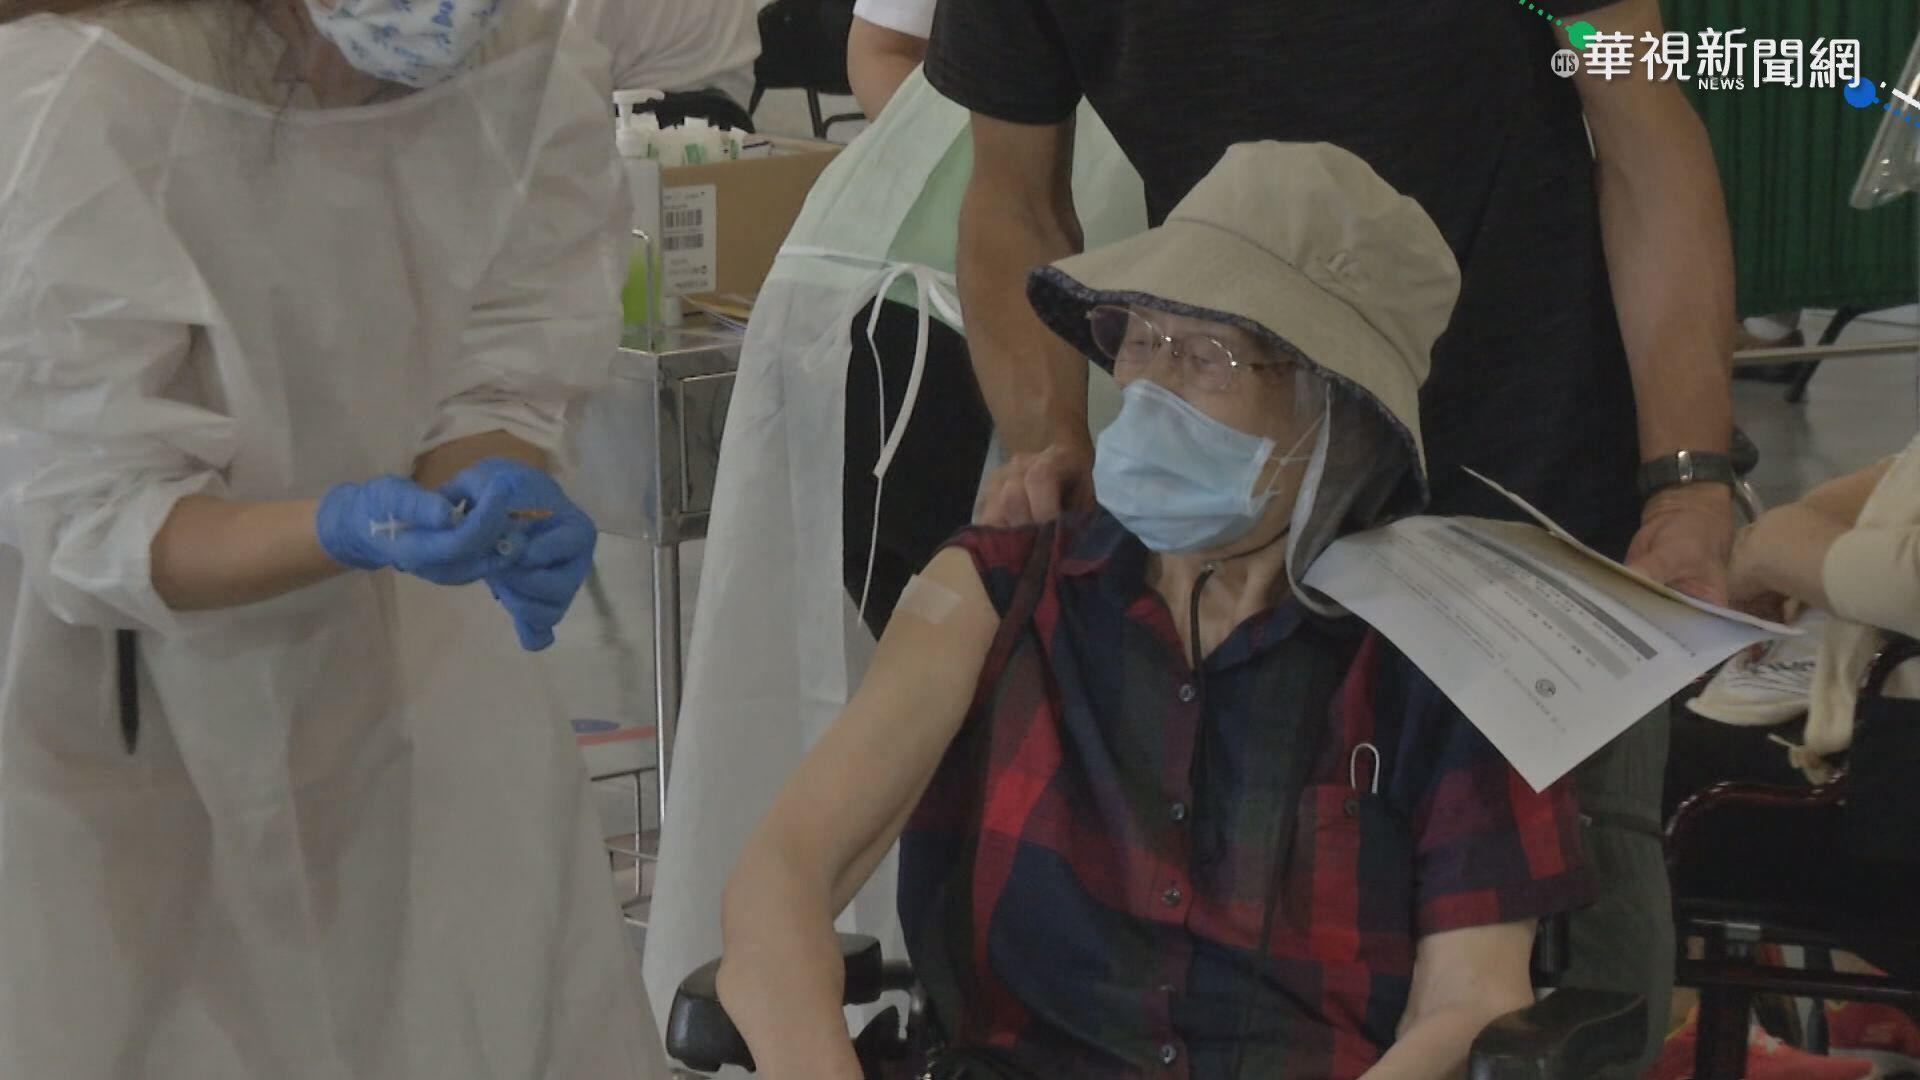 至少23人接種疫苗後猝死 已查2人無相關